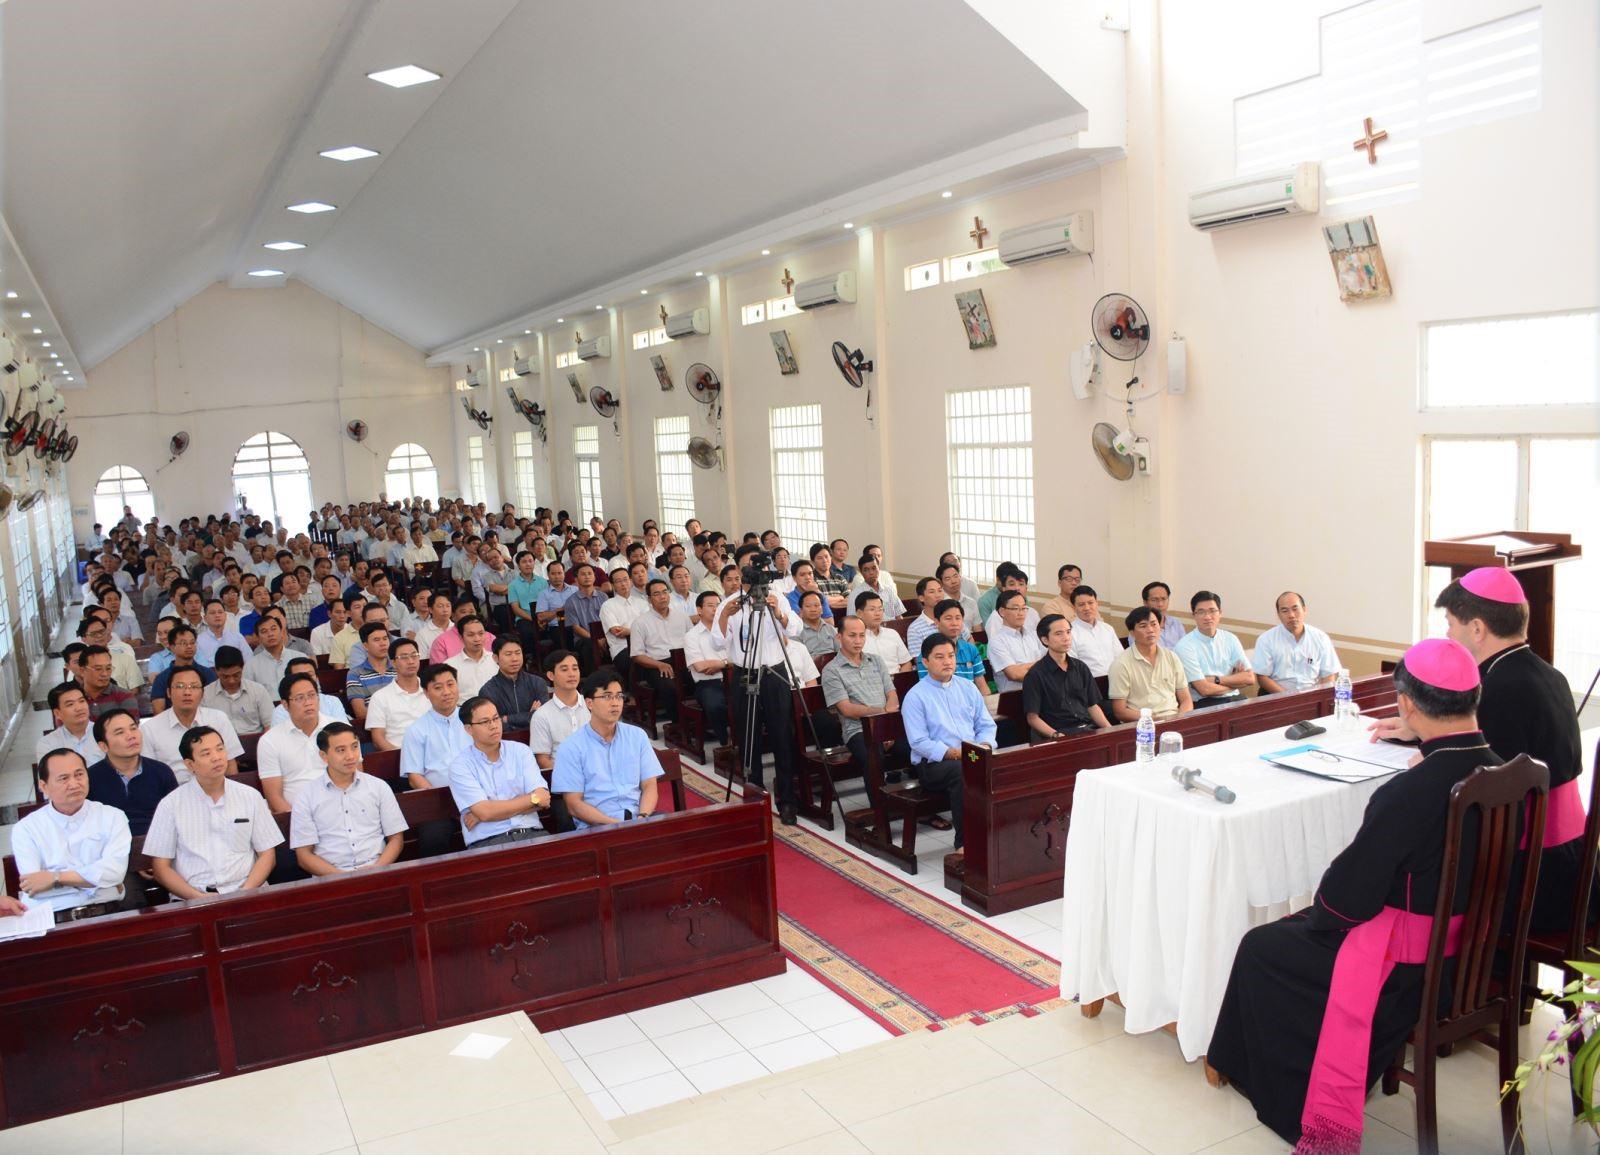 Đức TGM Marek Zalewski thăm mục vụ và dự lễ khai mạc Năm Thánh thành lập Gp Long Xuyên